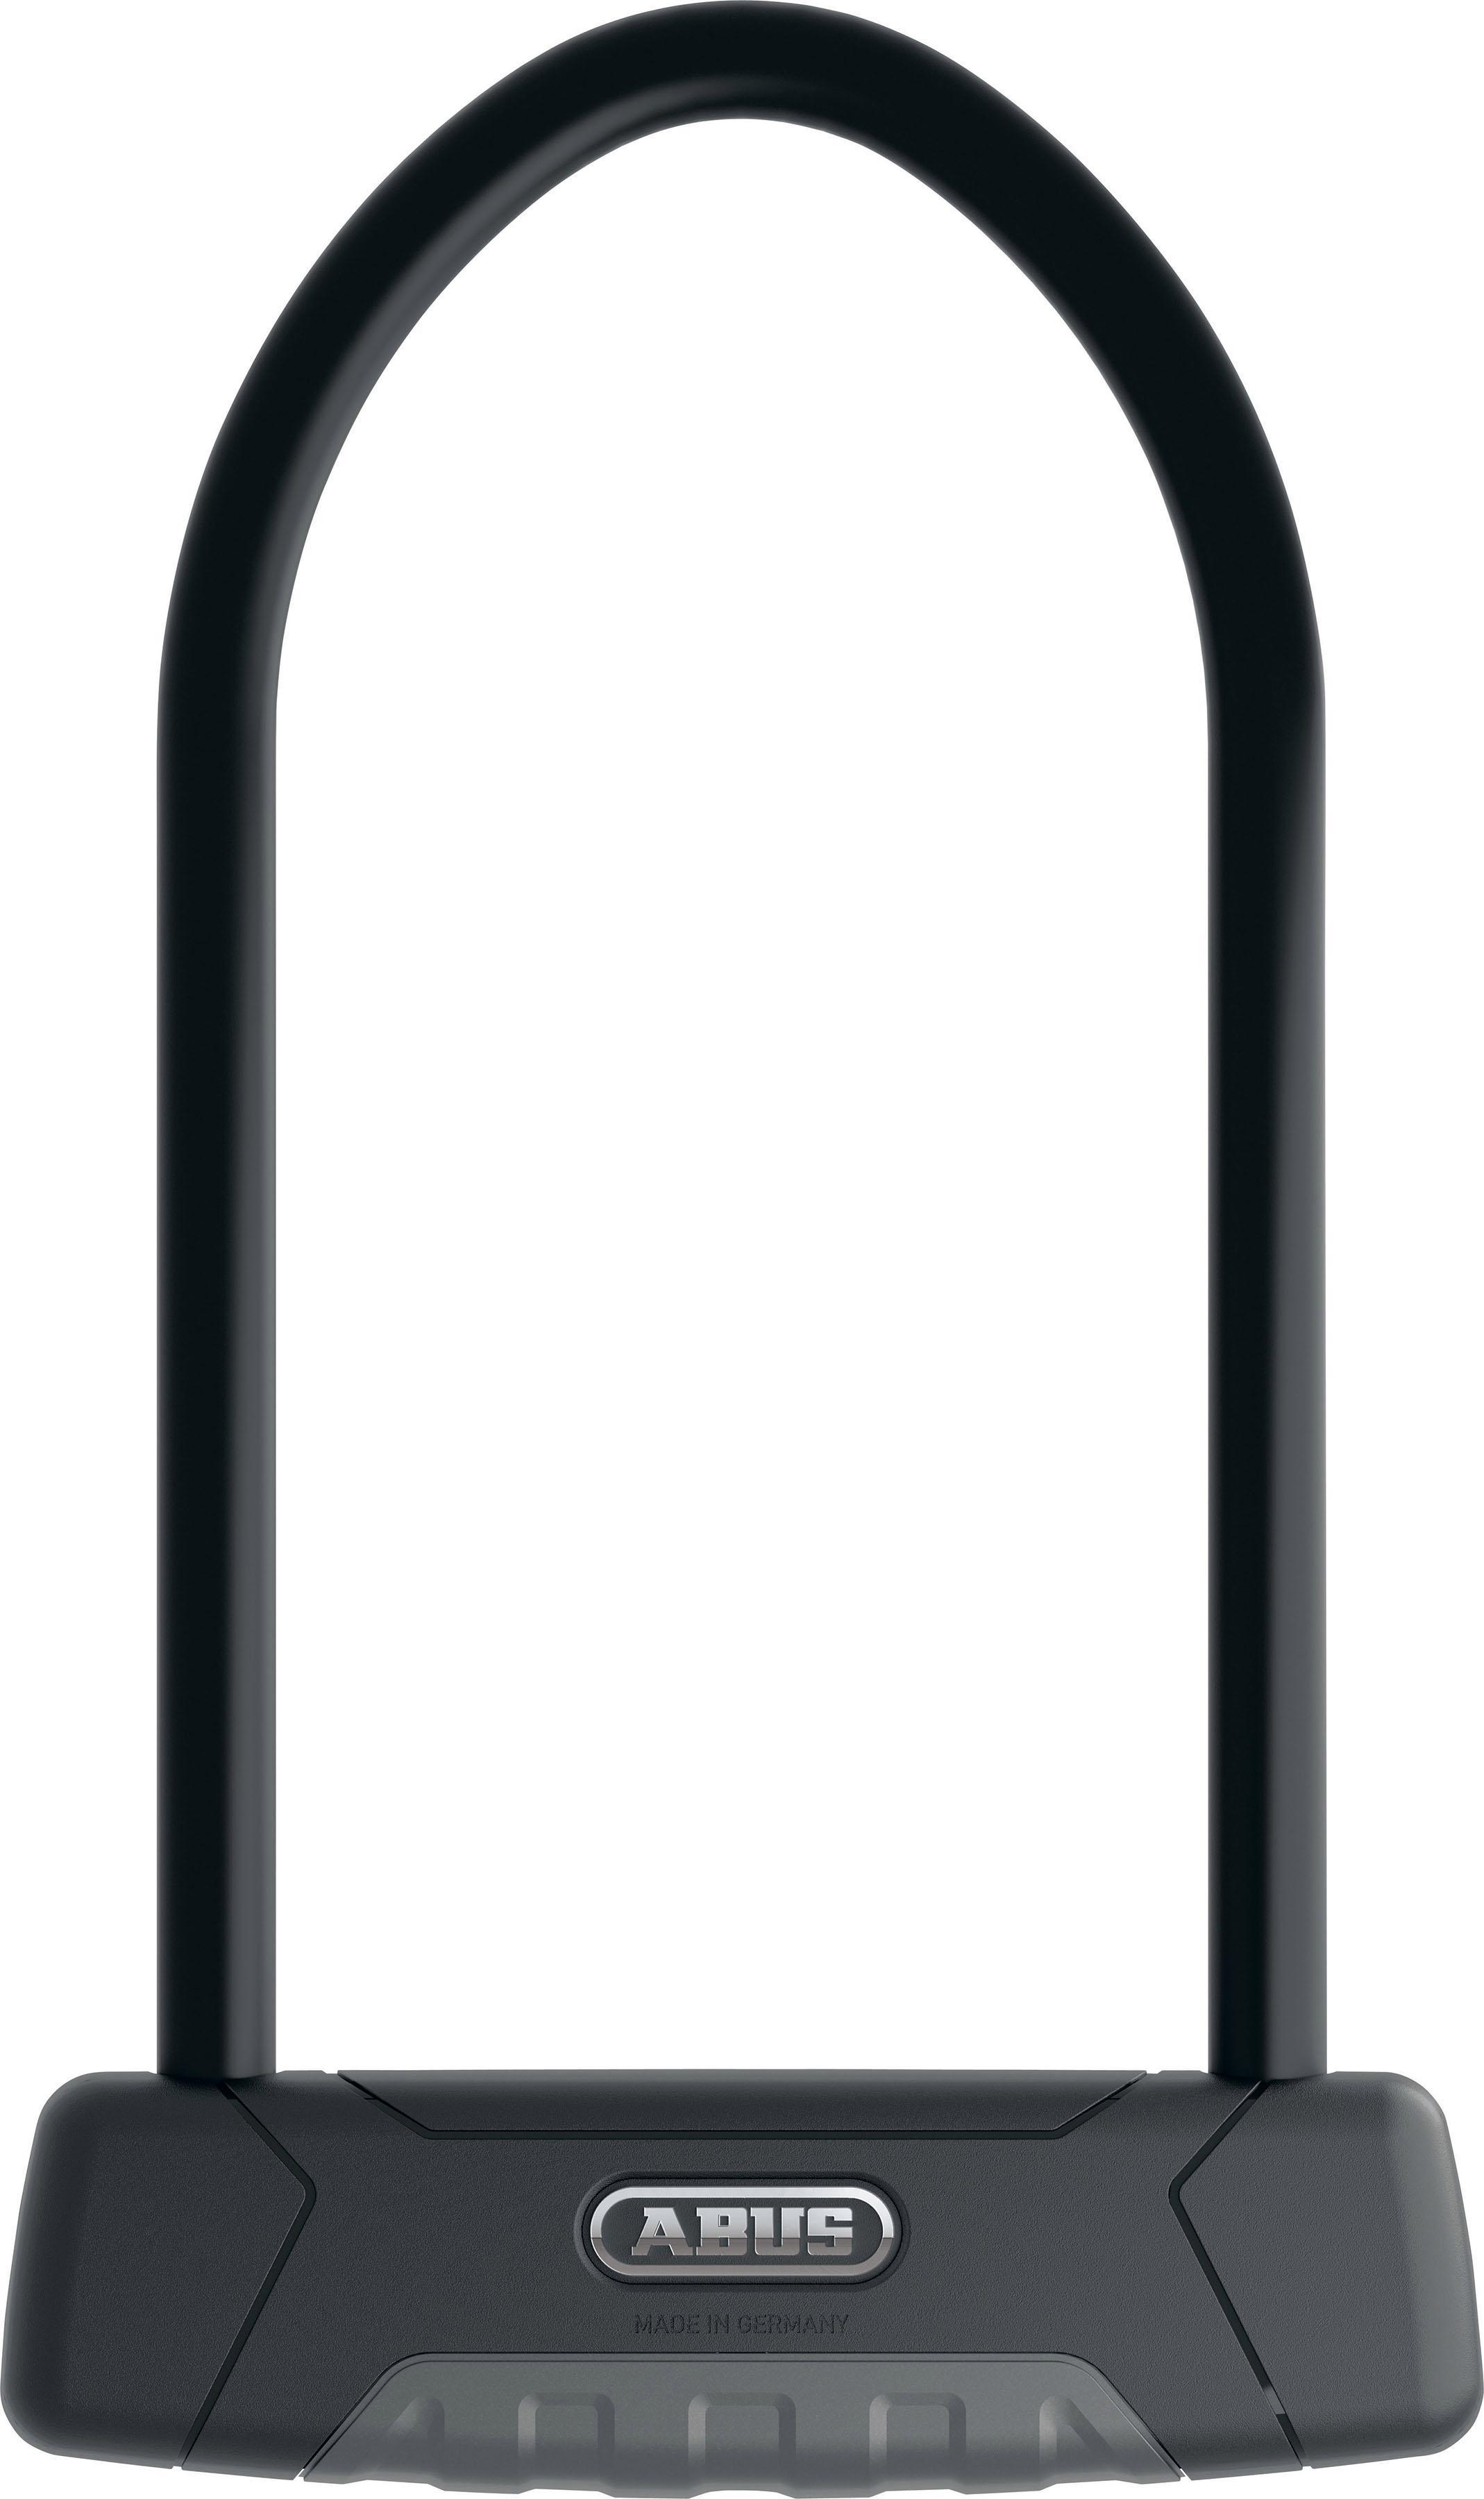 ABUS Bügelschloss 470/150HB230+EaZy KF Technik & Freizeit/Sport & Freizeit/Fahrräder & Zubehör/Fahrradzubehör/Fahrradschlösser/Bügelschlösser